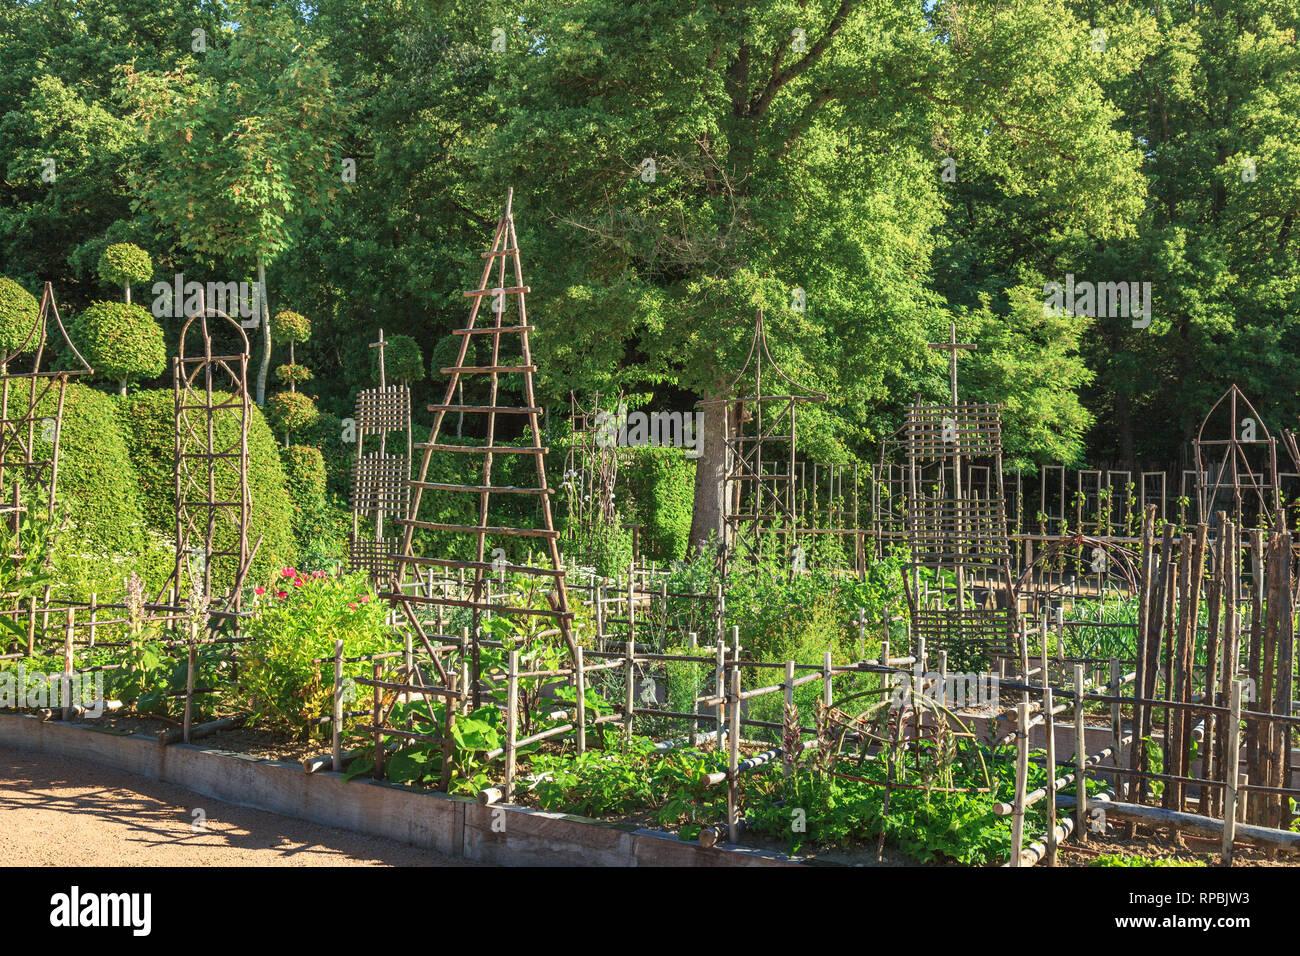 Orsan Prieure Garden France Le Jardin Des Simples Le Jardin D Herbes Medicinales Avec Sweet Chestnut Tree Structures Mention Obligatoire Du Nom Et Le Jardin Photo Stock Alamy